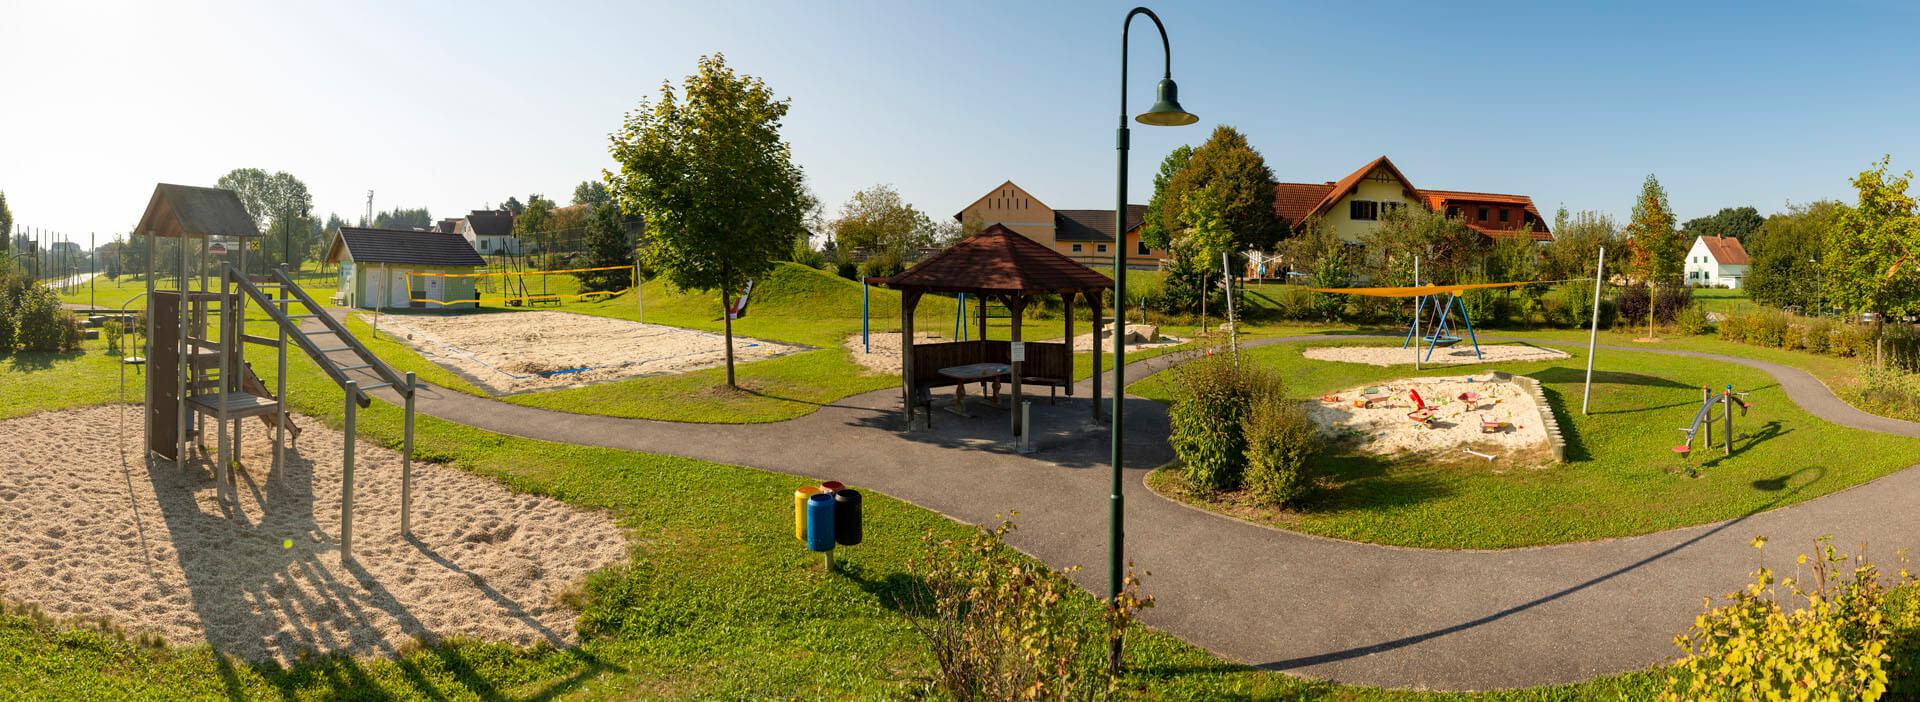 Spielplatz Altenberg